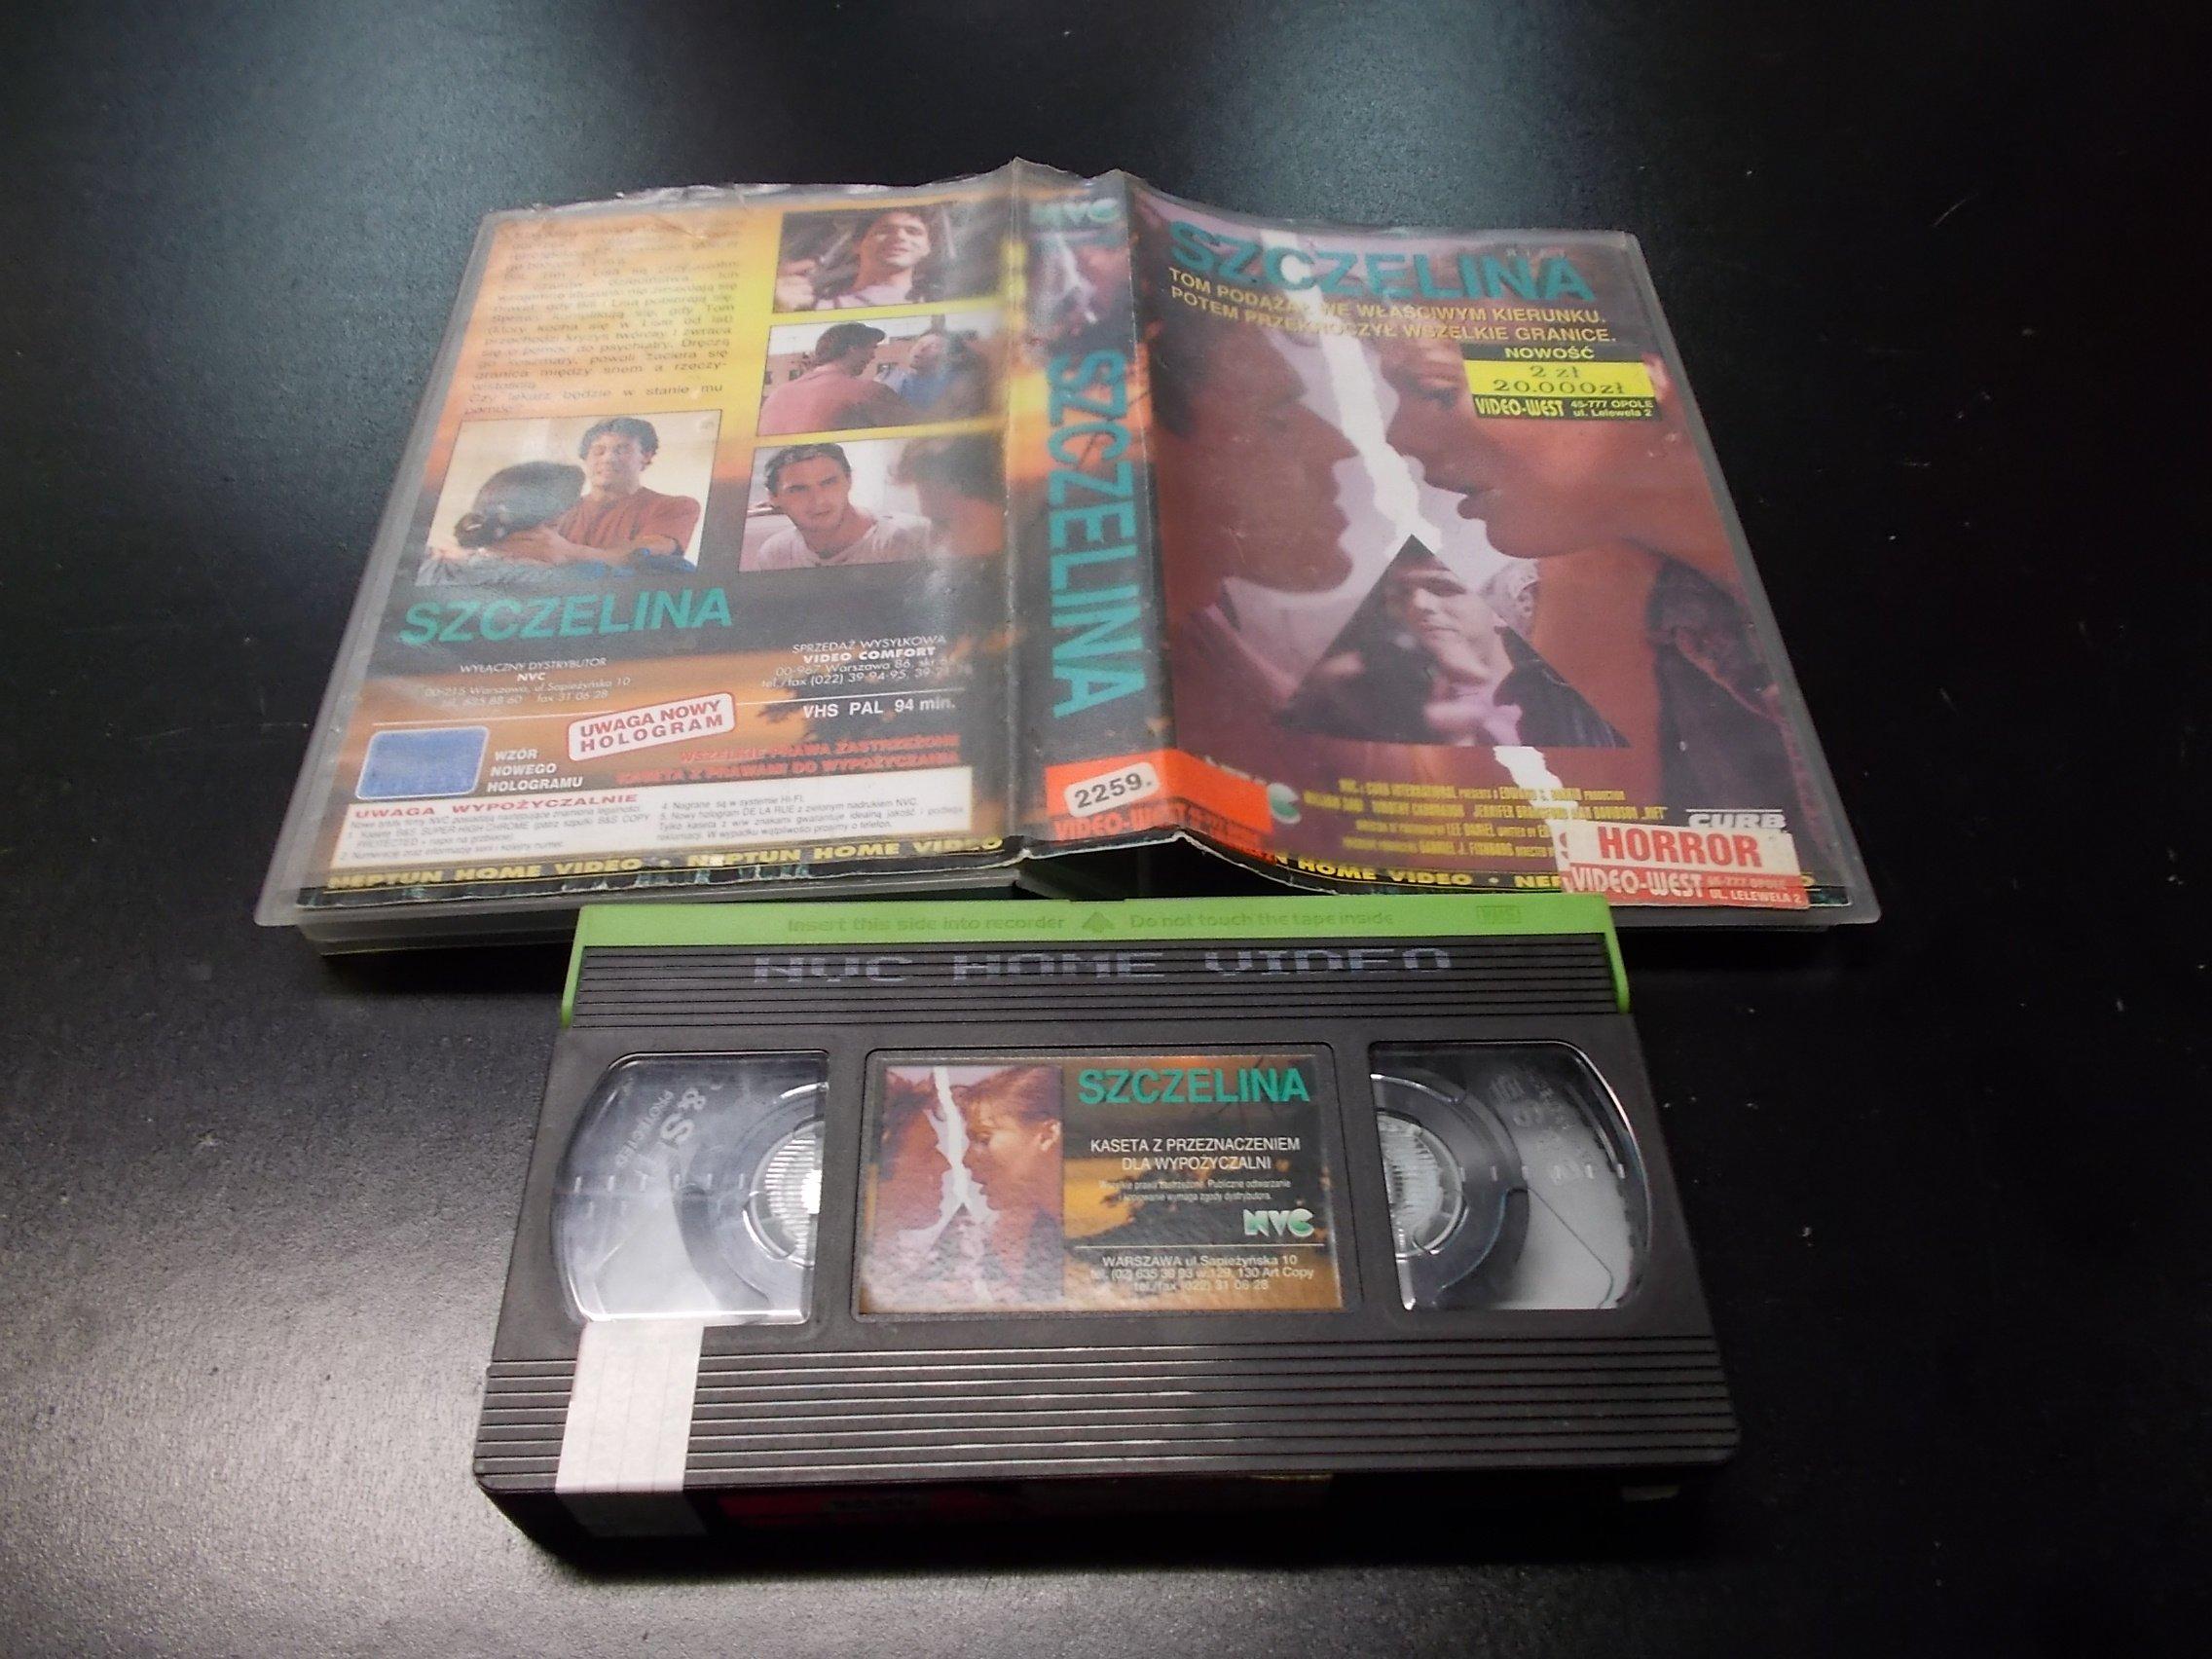 SZCZELINA -  kaseta VHS - 1194 Opole - AlleOpole.pl